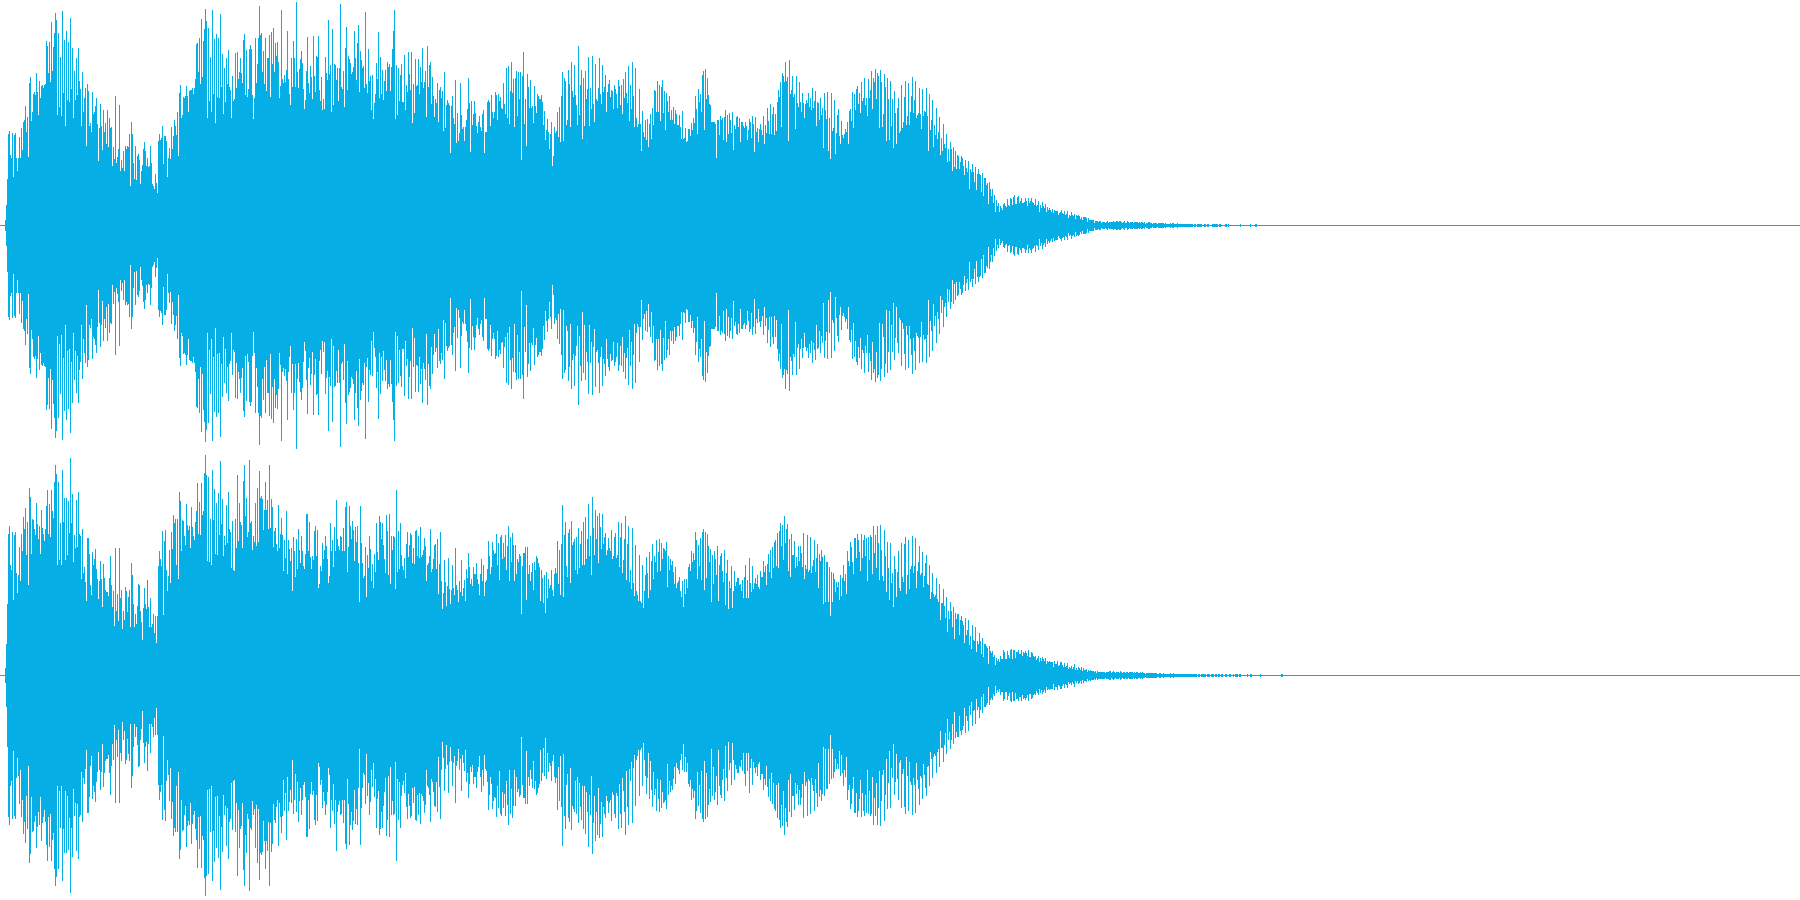 テッテレー。成功・当選音Aの再生済みの波形